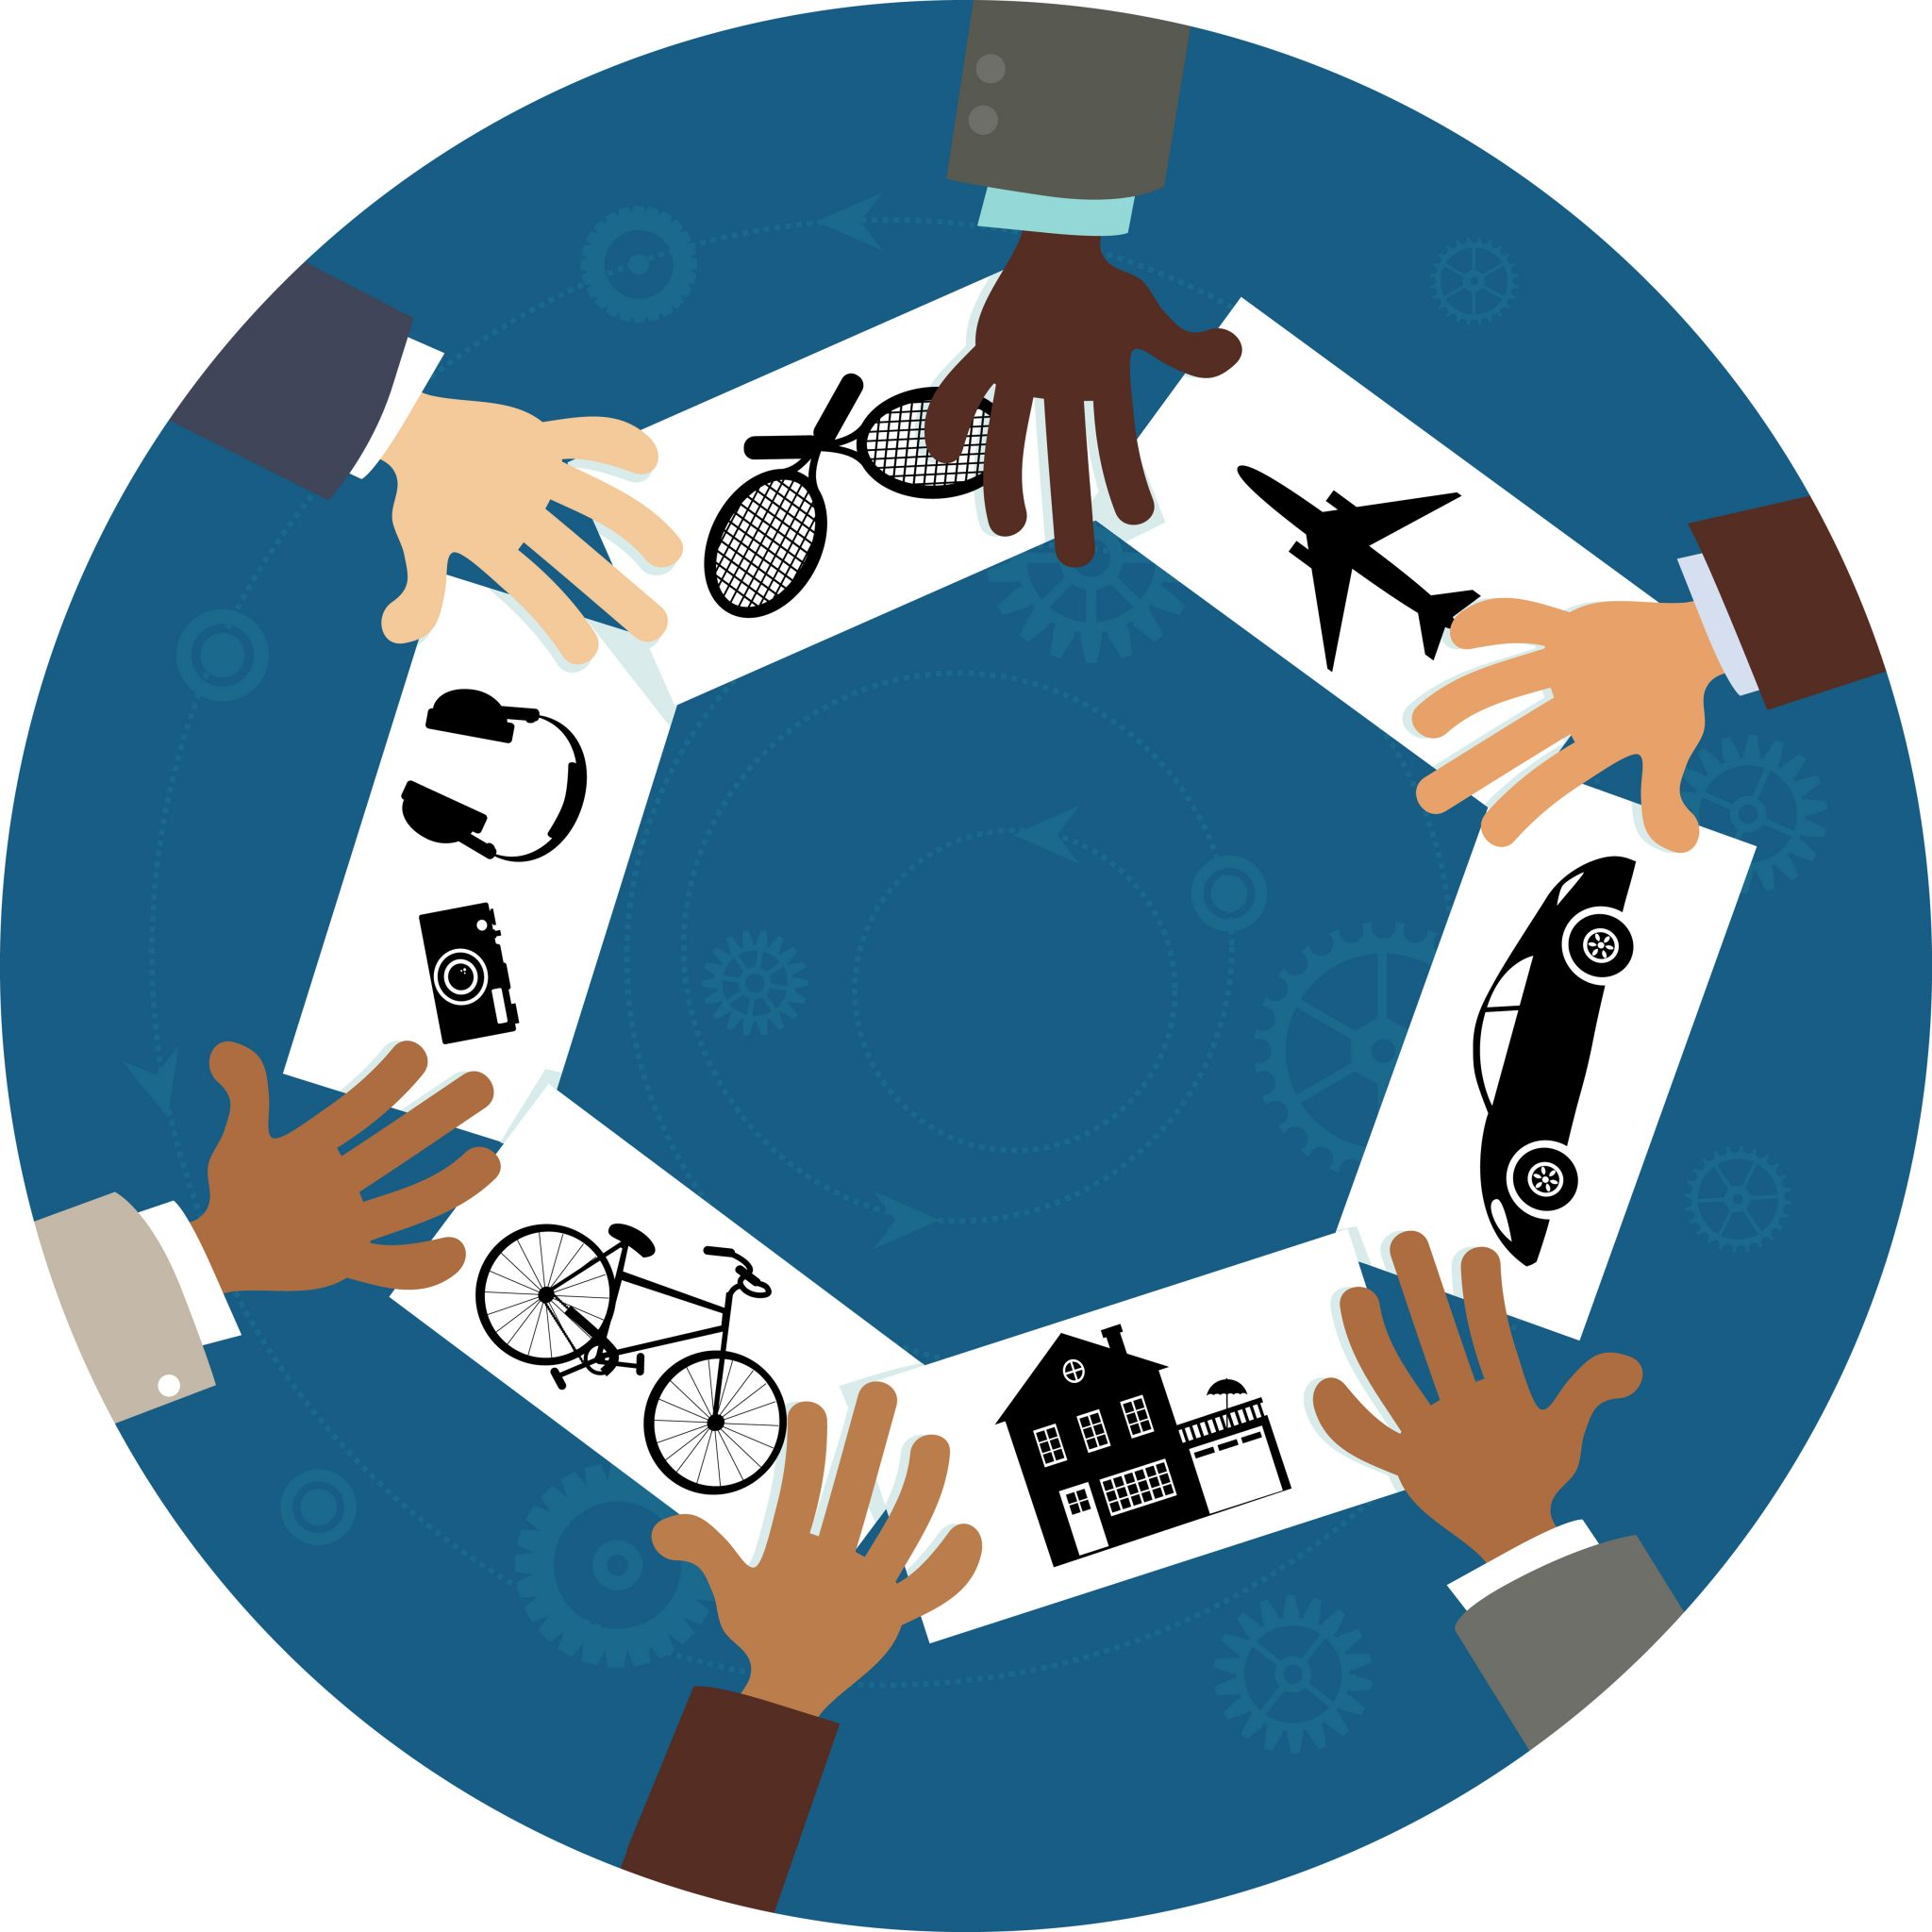 Pour une économie collaborative : équitable et participative